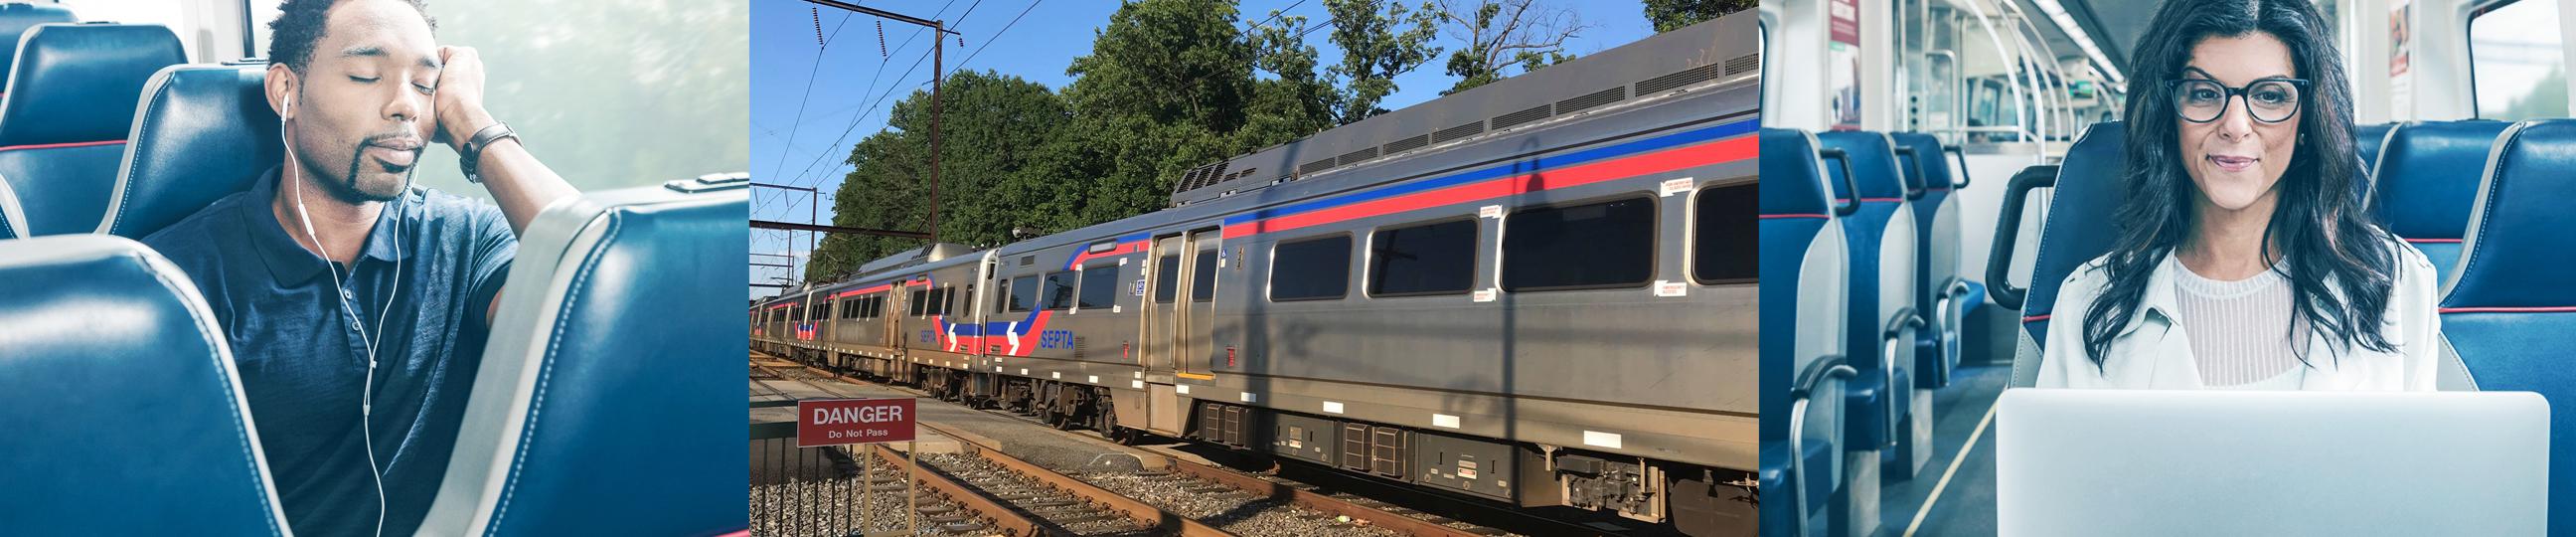 Rail 2592x540 9.25.18